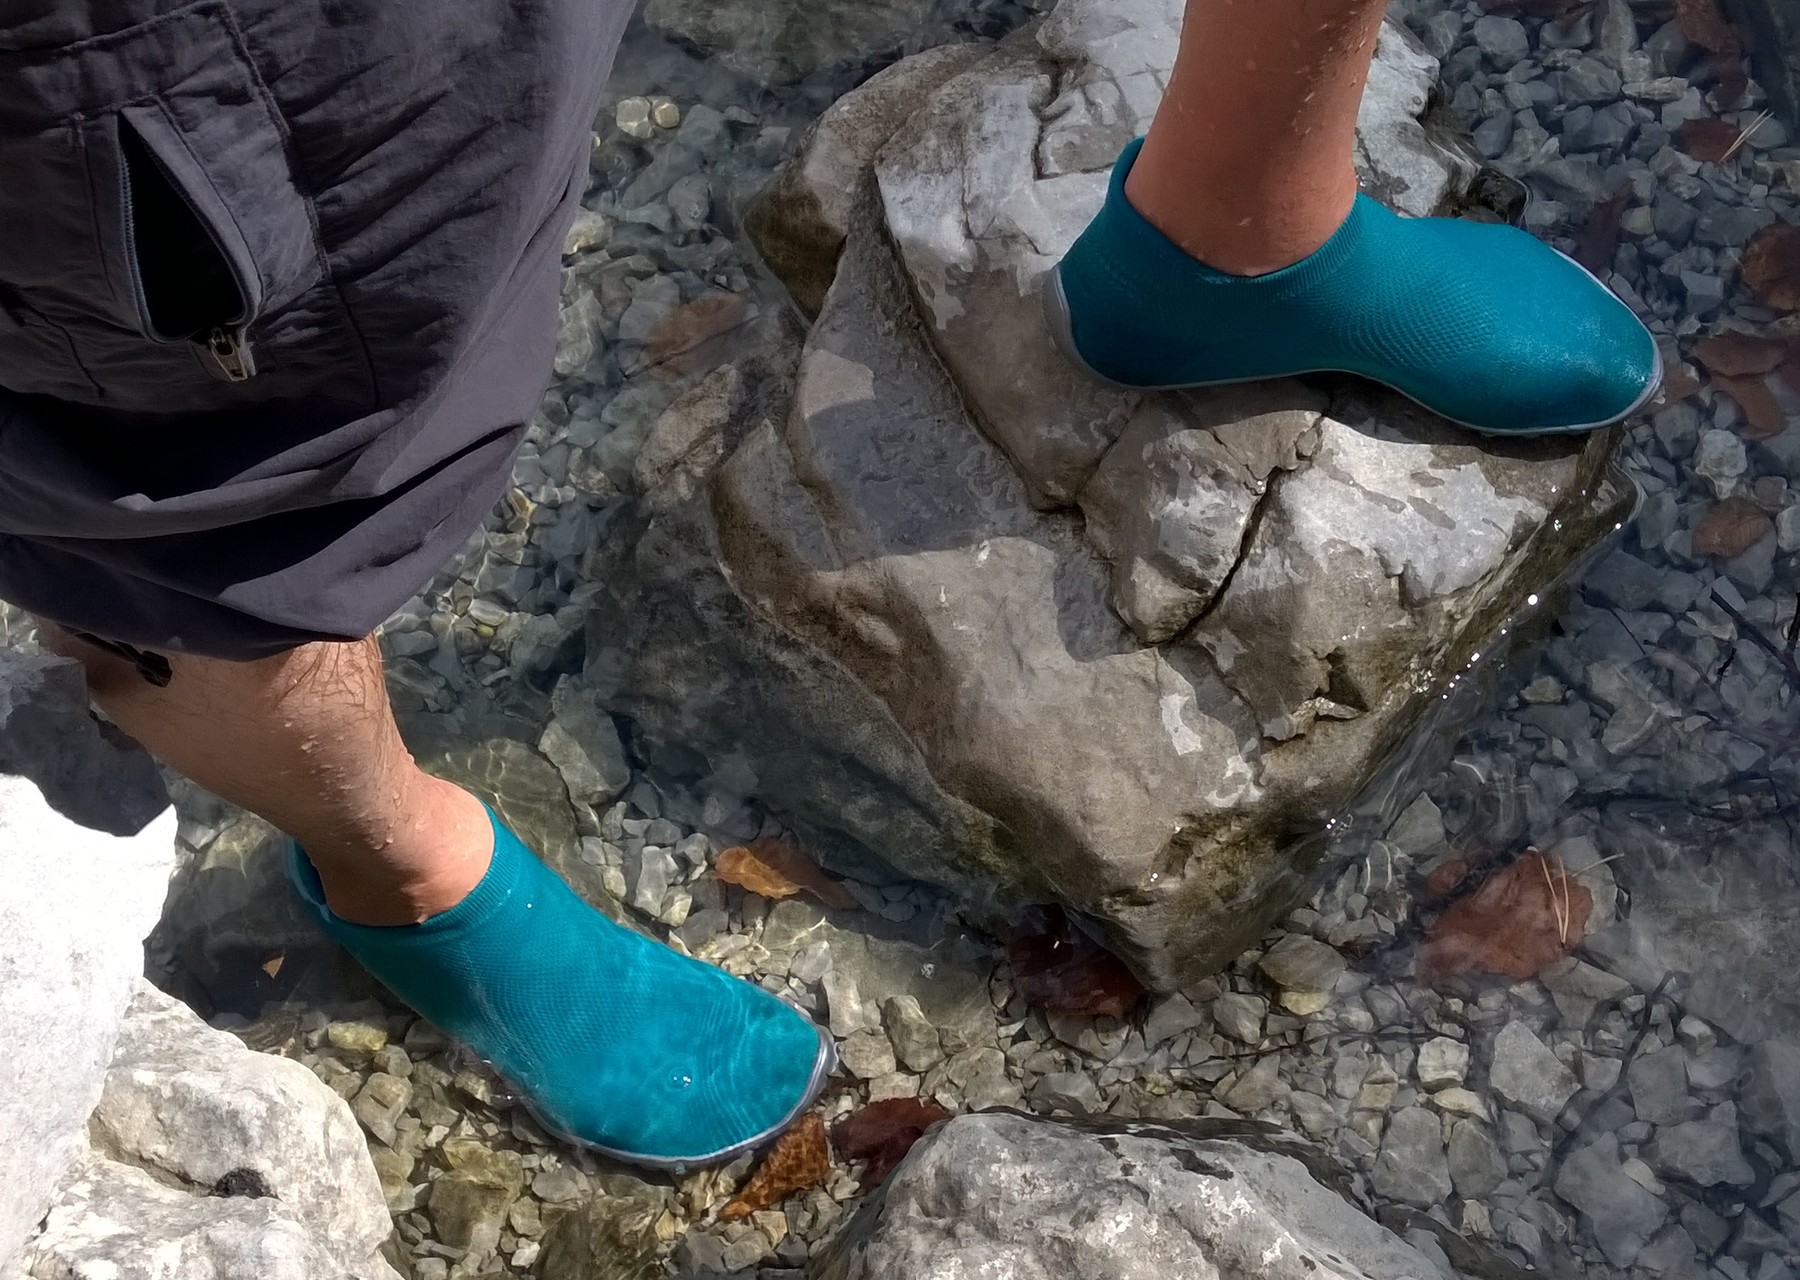 Wandern auf Meraner Höhenweg mit dem leguano® sneaker.